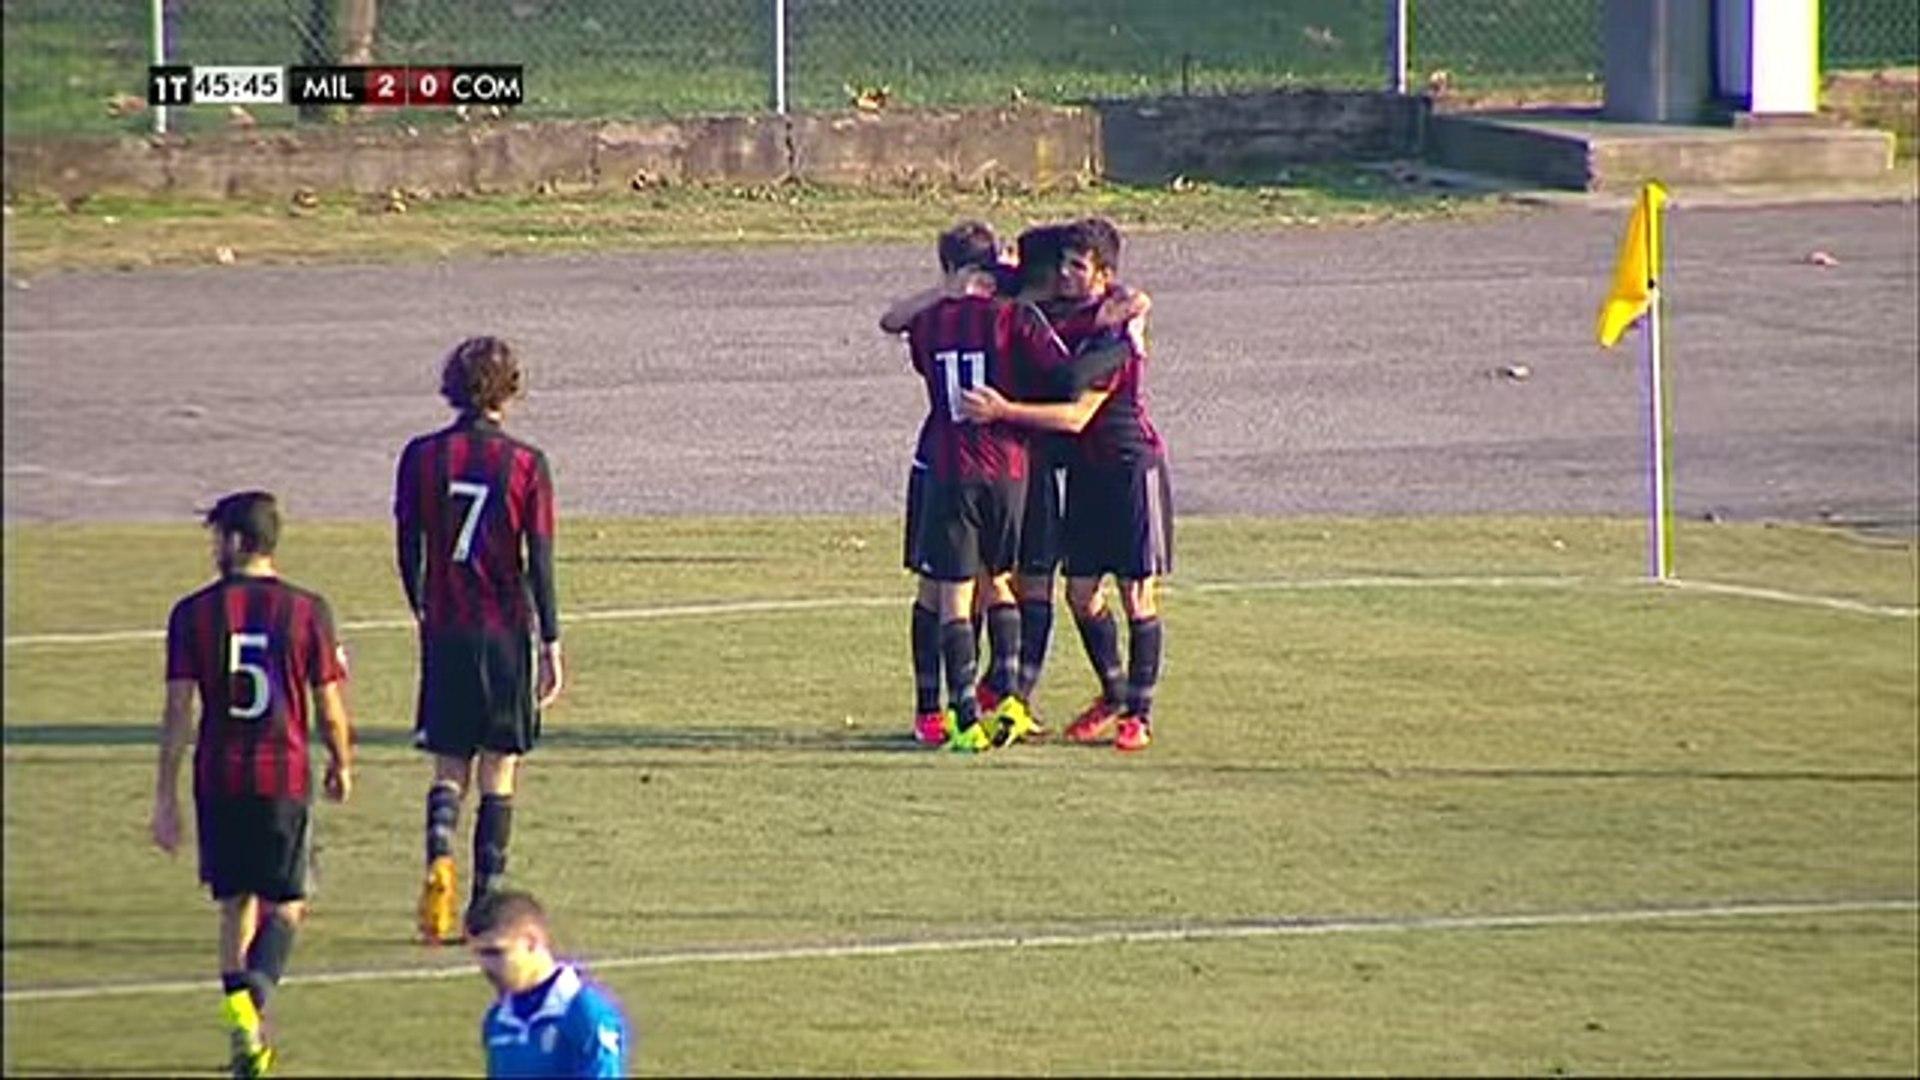 AC Milan Como 4-1 - AC Milan Youth